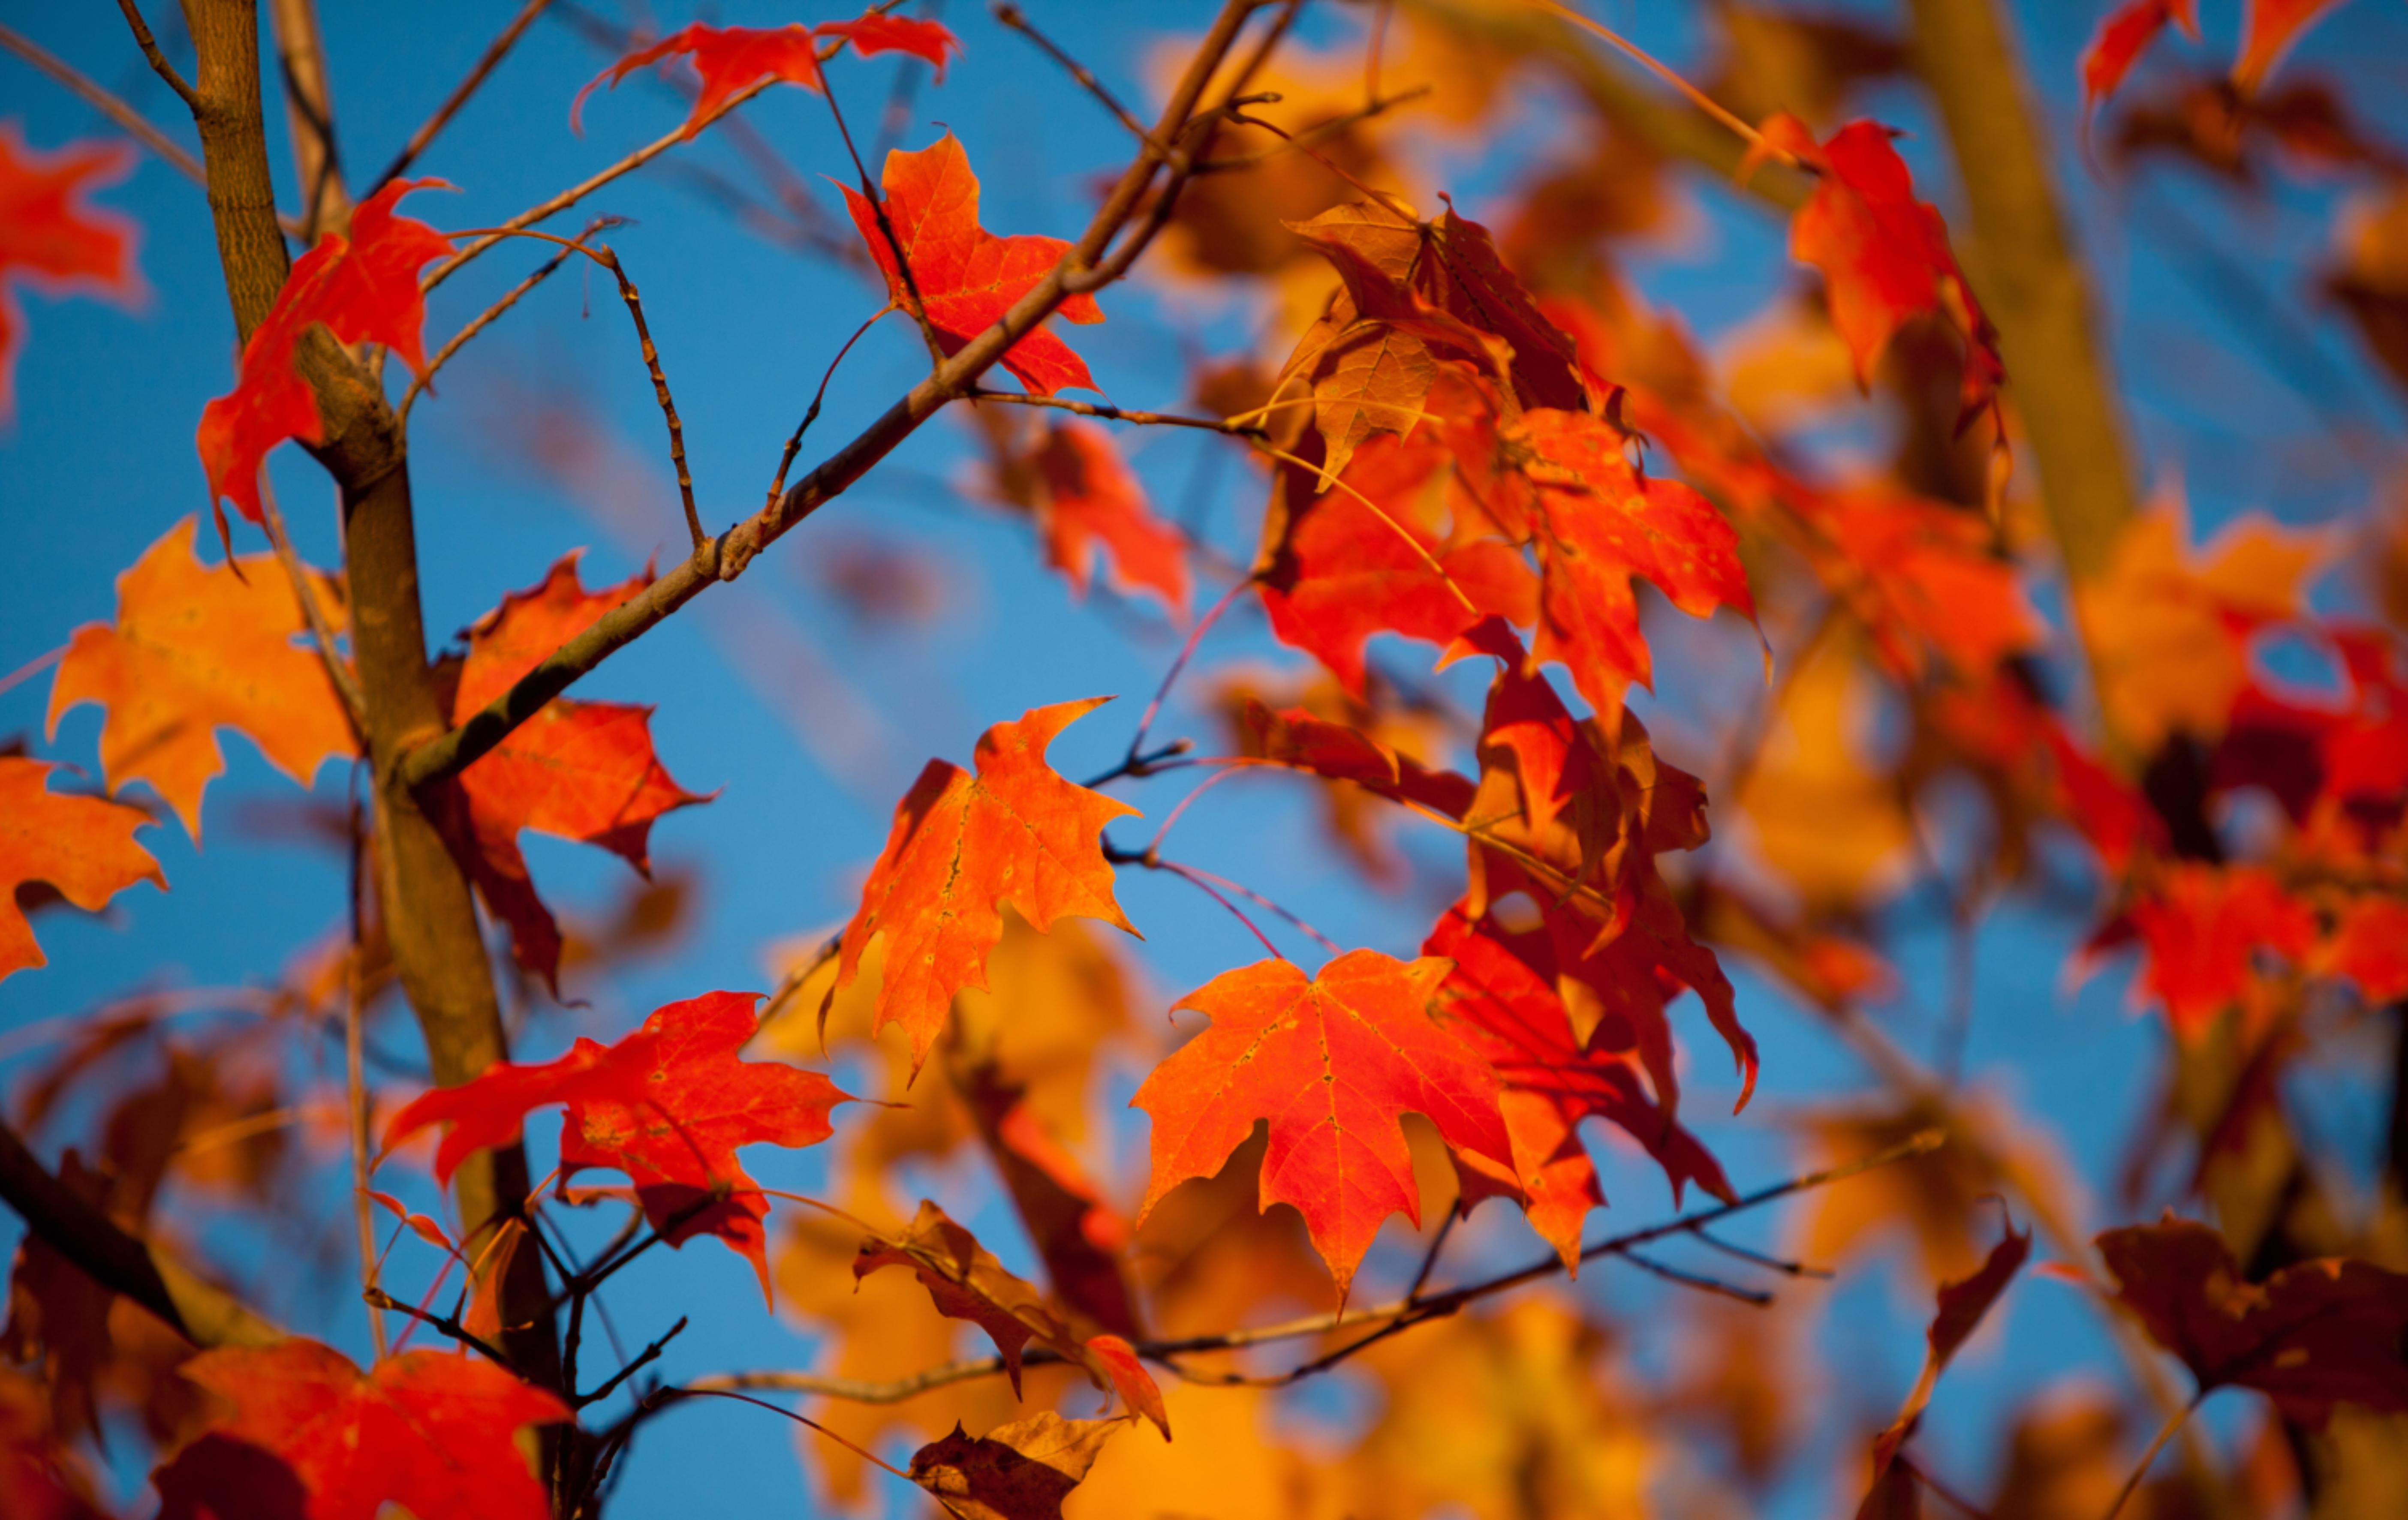 126432 скачать обои Природа, Осень, Листья, Клен, Ветки, Размытость - заставки и картинки бесплатно